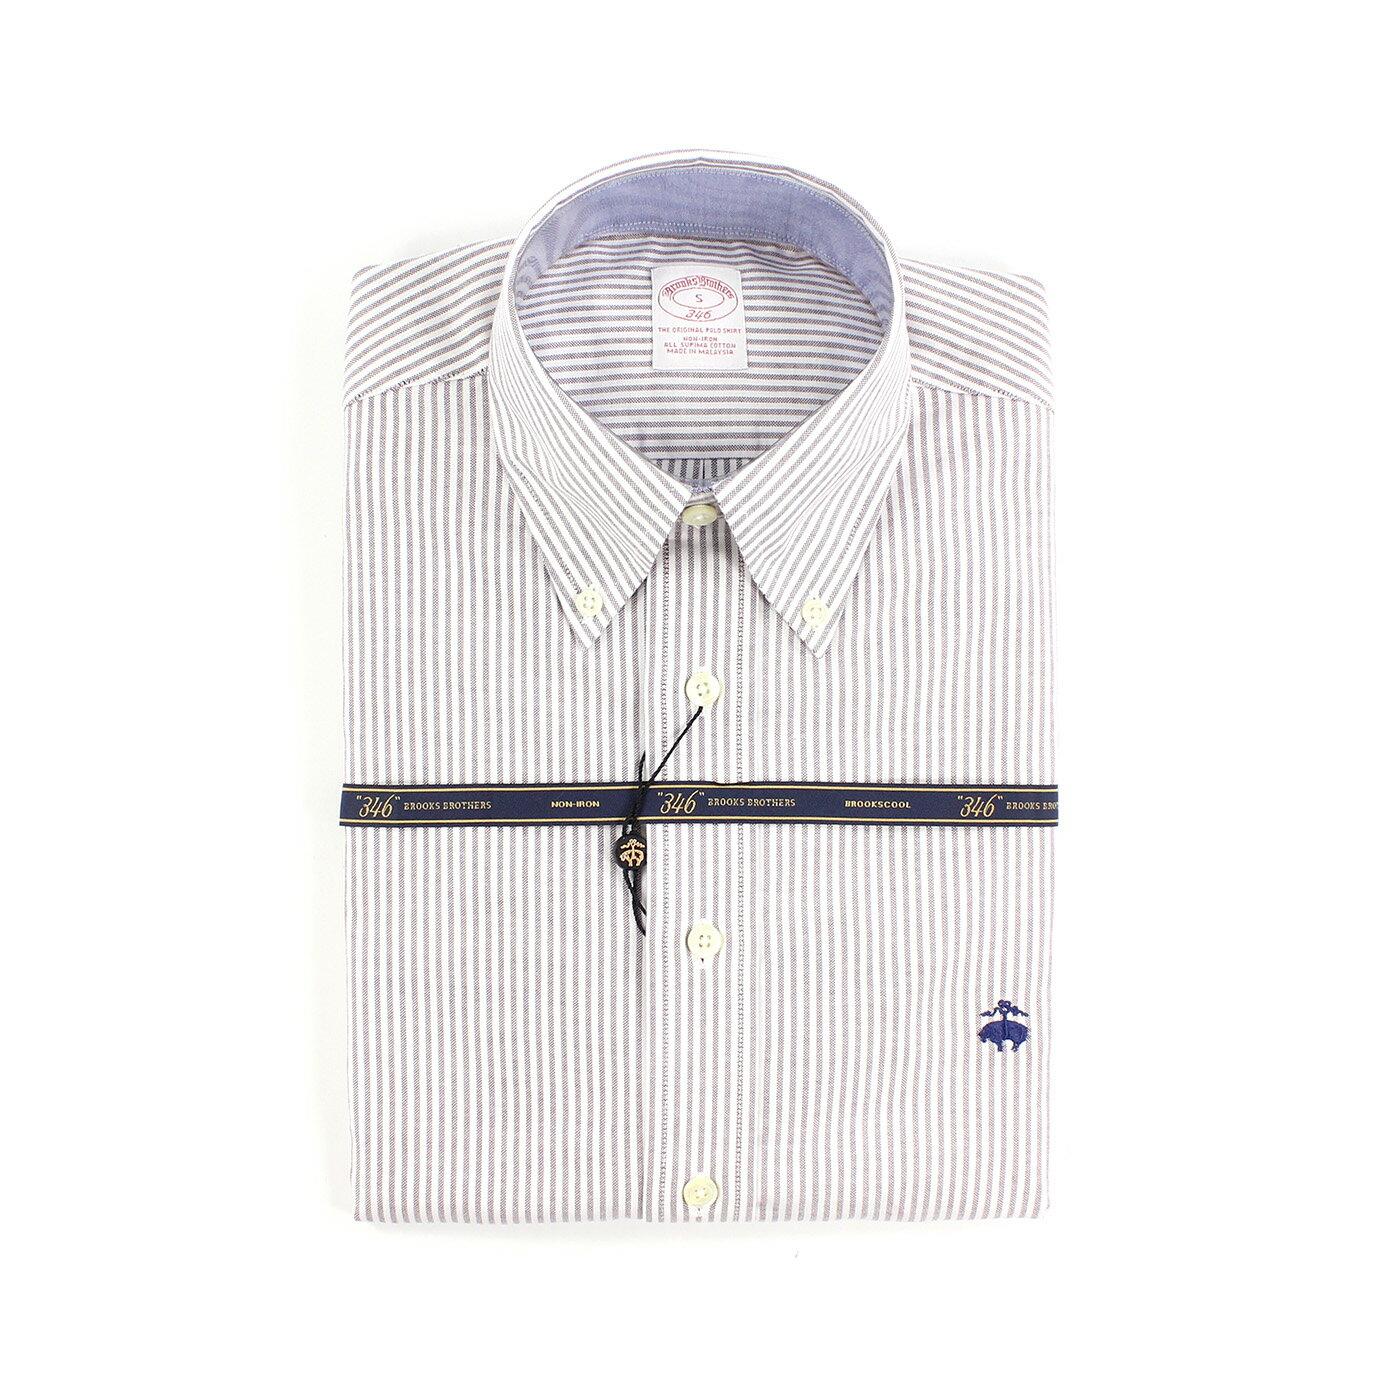 美國百分百【全新真品】Brooks Brothers 布克兄弟 牛津 襯衫 條紋 長袖 上衣 淺咖啡色 S號 F773